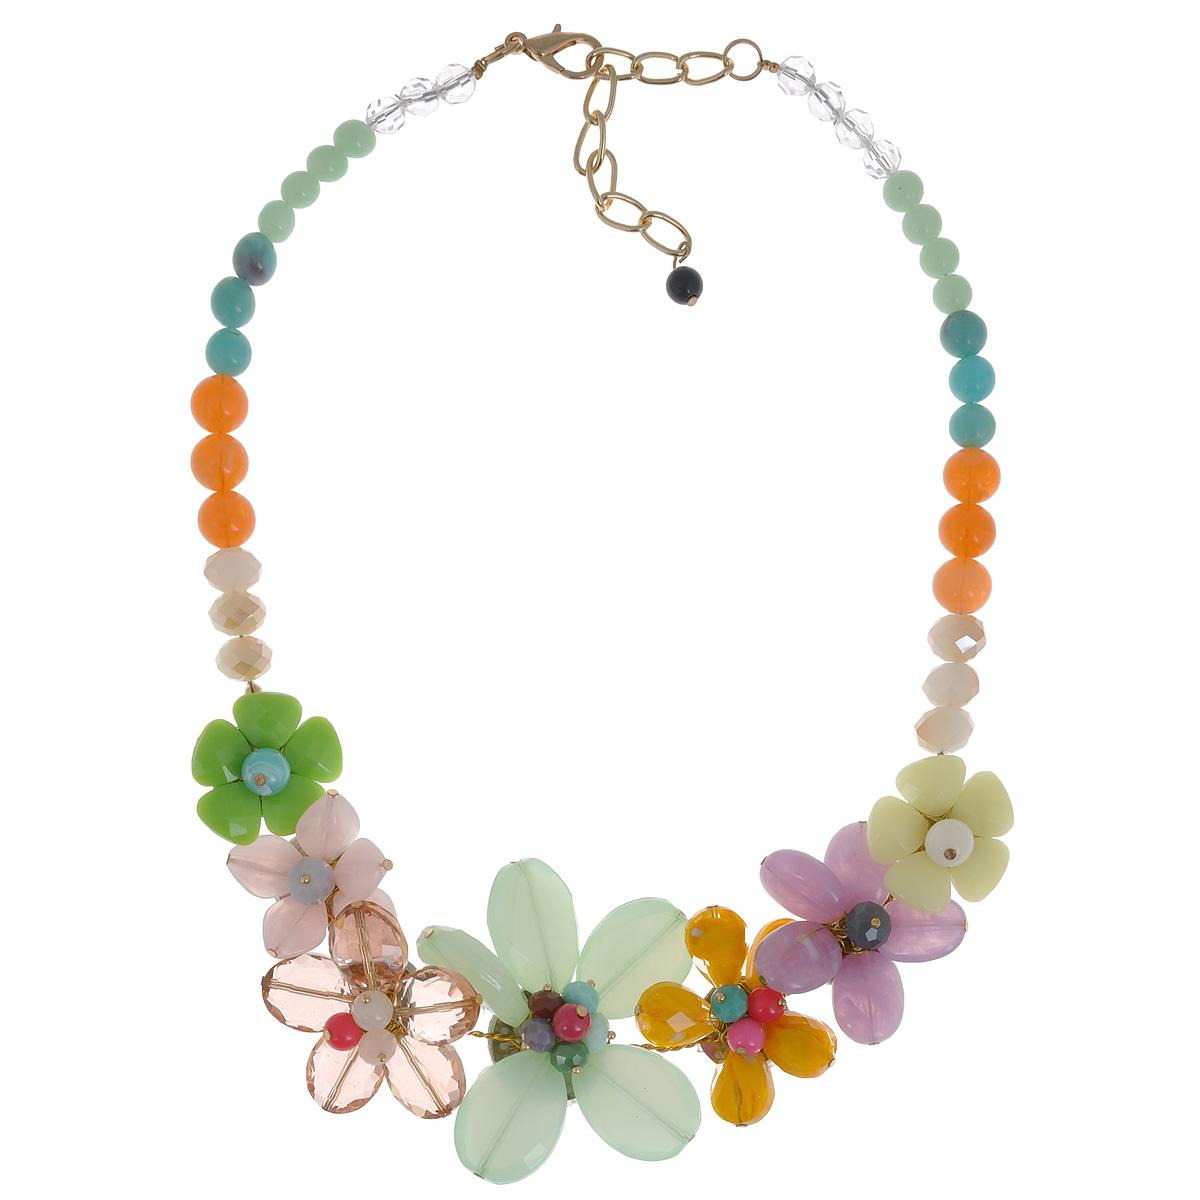 Колье Taya, цвет: зеленый, розовый, фиолетовый, желтый. T-B-8589T-B-8589-NECK-ML.GREENЯркое летнее колье нравится всем женщинам без исключения. За счет продуманно выполненного крепления цветов, колье не зацепится за любимую блузку и его можно носить без опаски, как и все изделия TAYA.